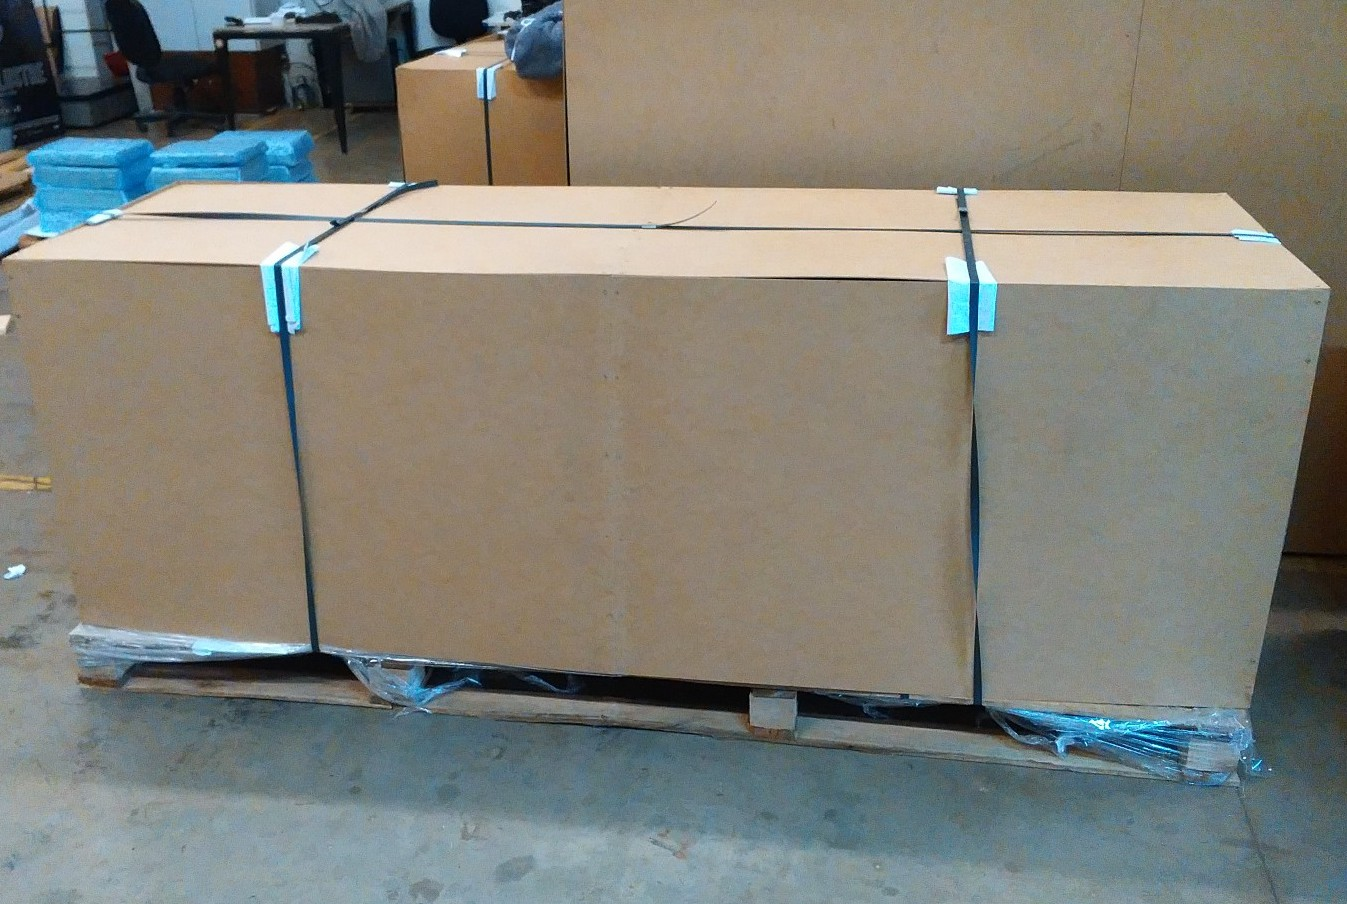 Impressora de grande formato HP Designjet 4500 pronta para transportadora